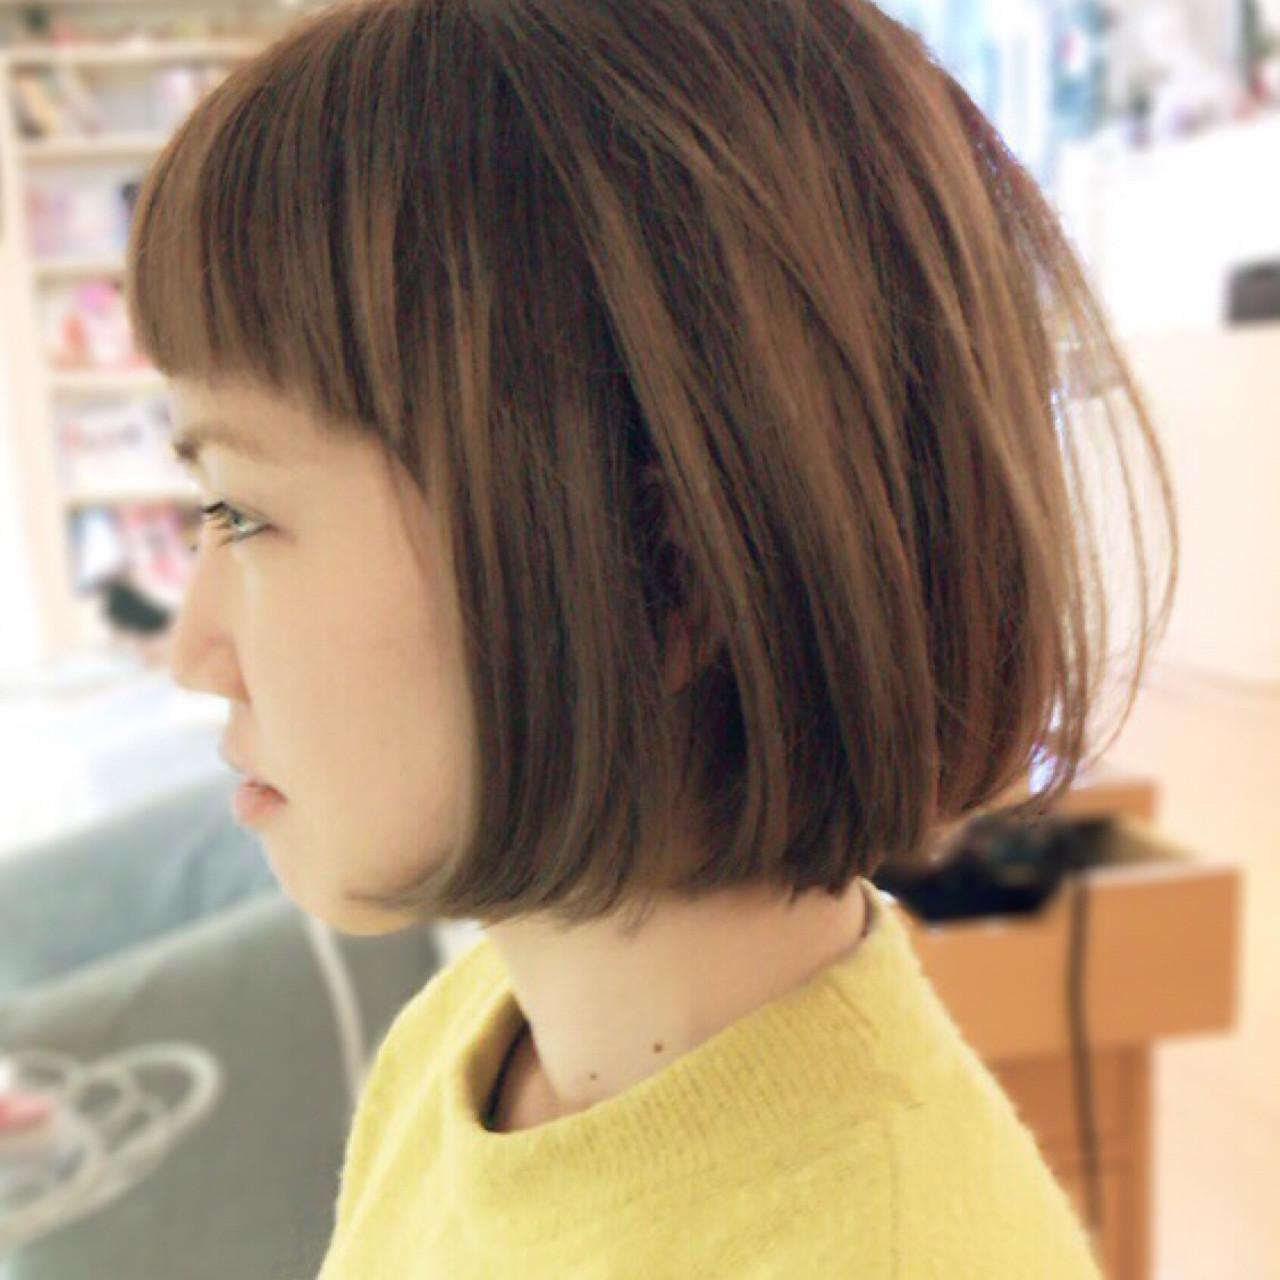 ワンカール ボブ ナチュラル ハイライト ヘアスタイルや髪型の写真・画像